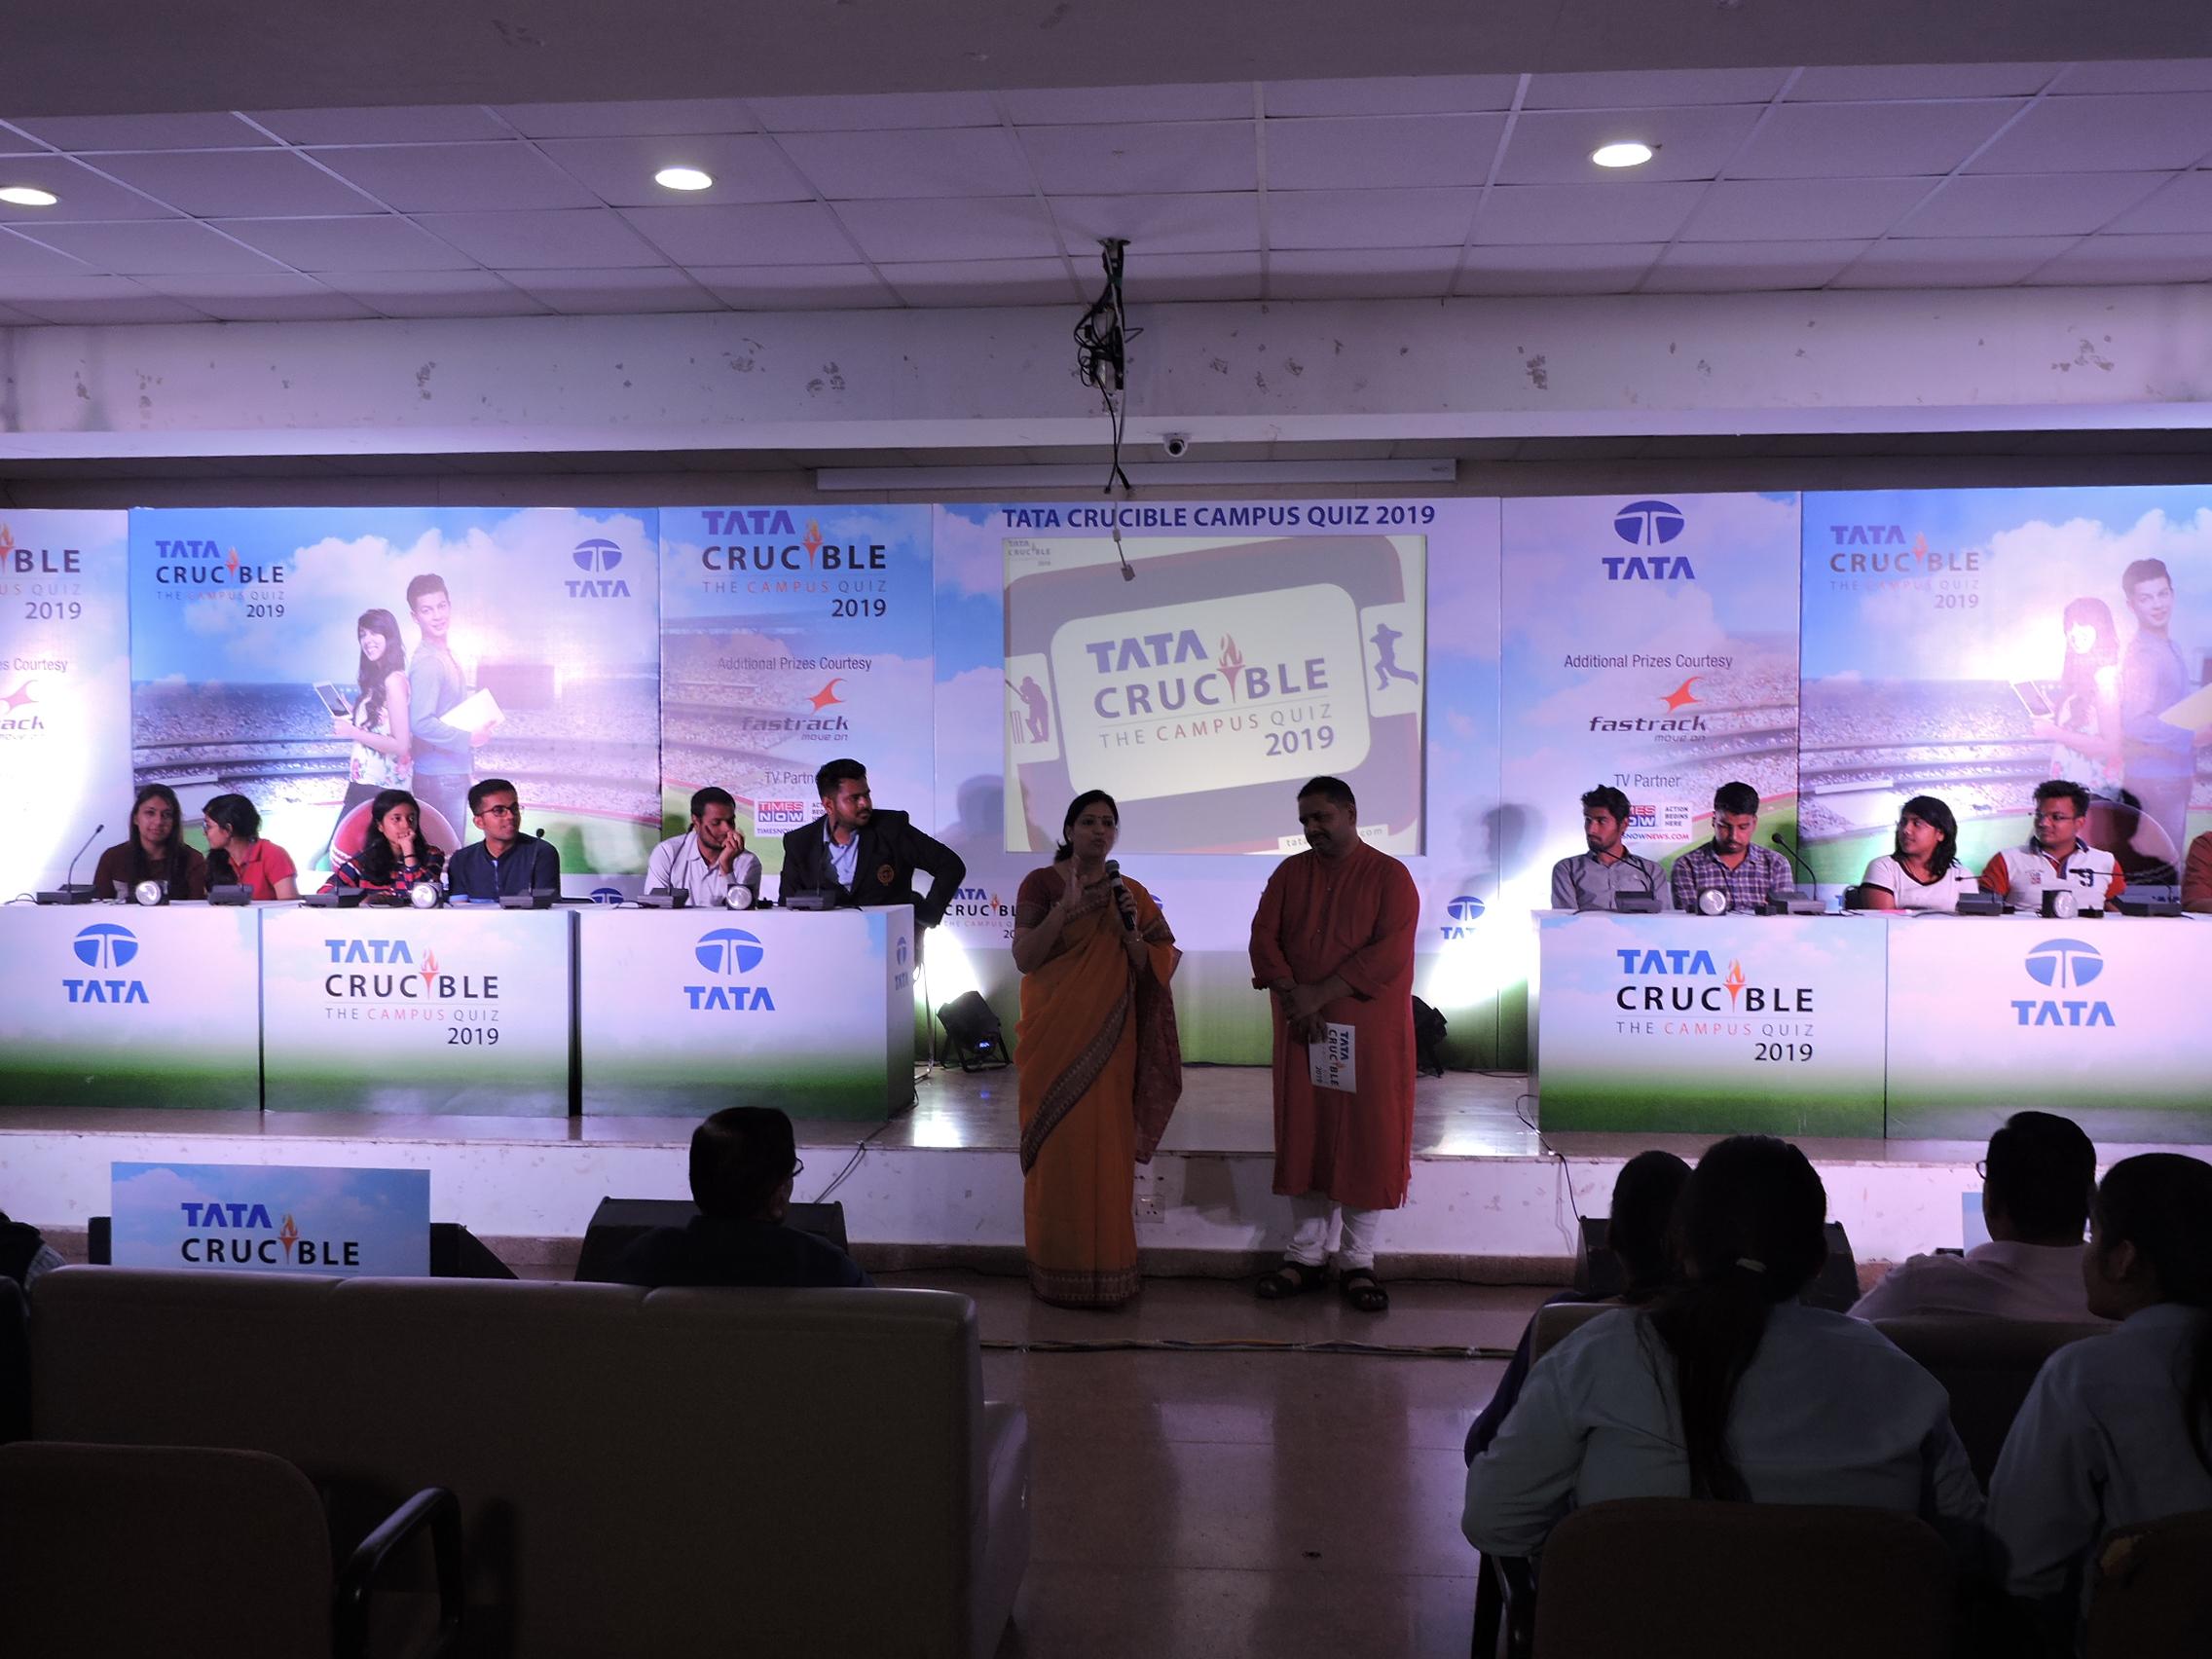 Pacific Organizes the Tata Crucible Campus Quiz